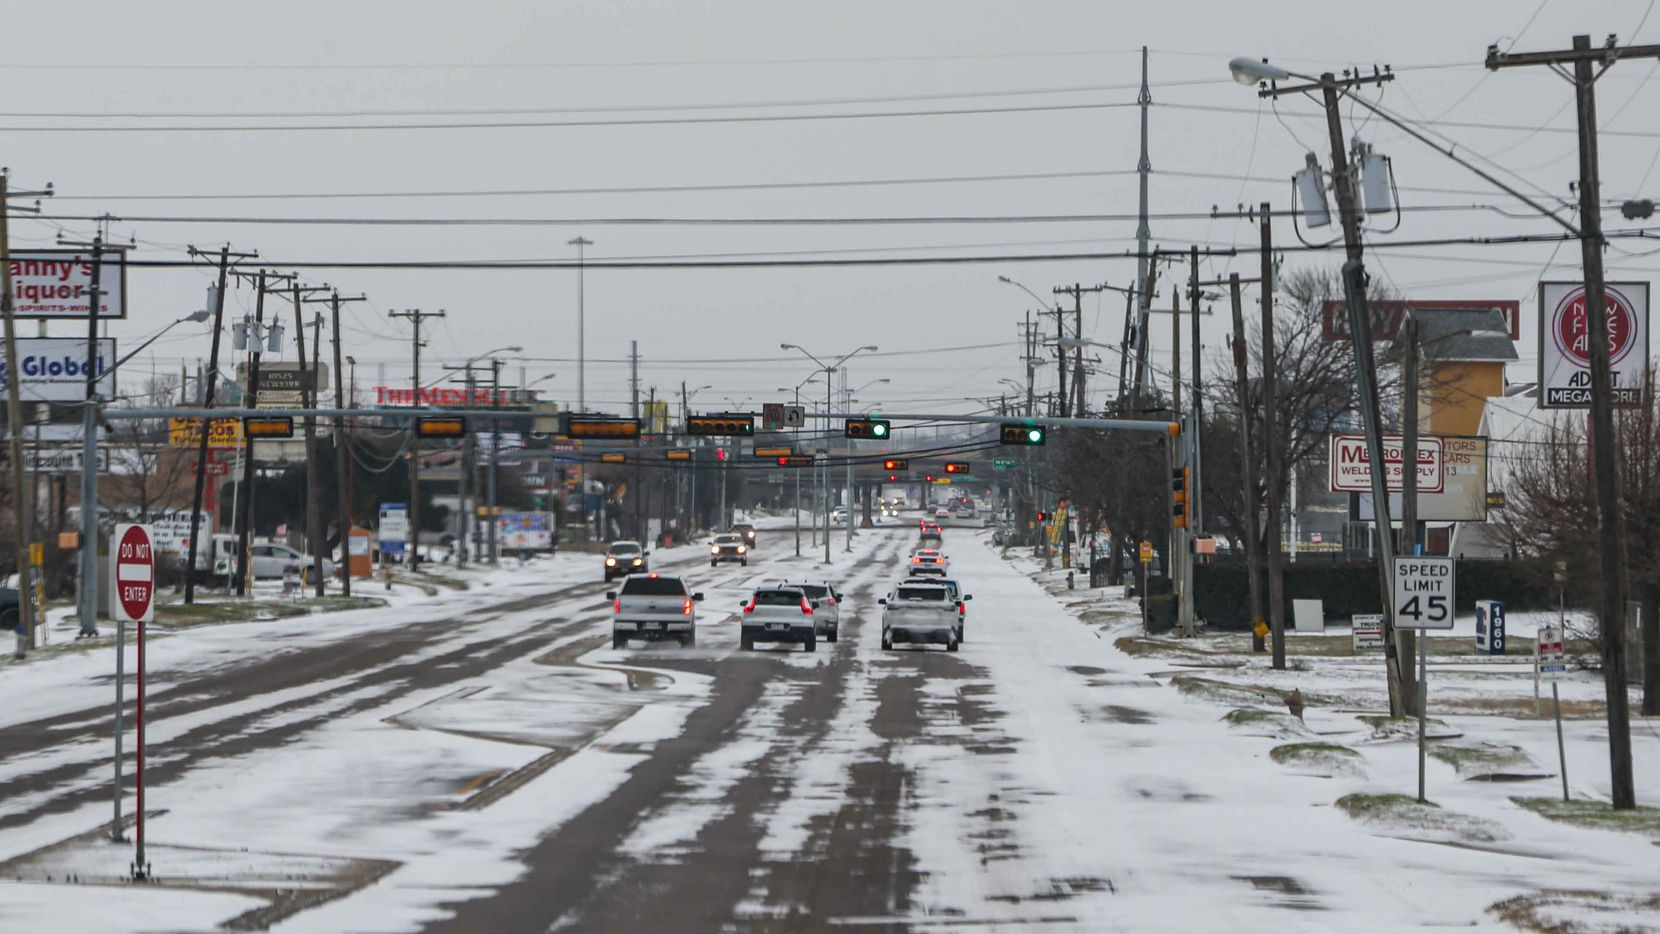 Varias secciones de Dallas permanecen sin luz eléctrica el lunes 15 de febrero, mientras las calles muestran acumulación de nieve, como en esta toma de TX-12 Loop Northwest.